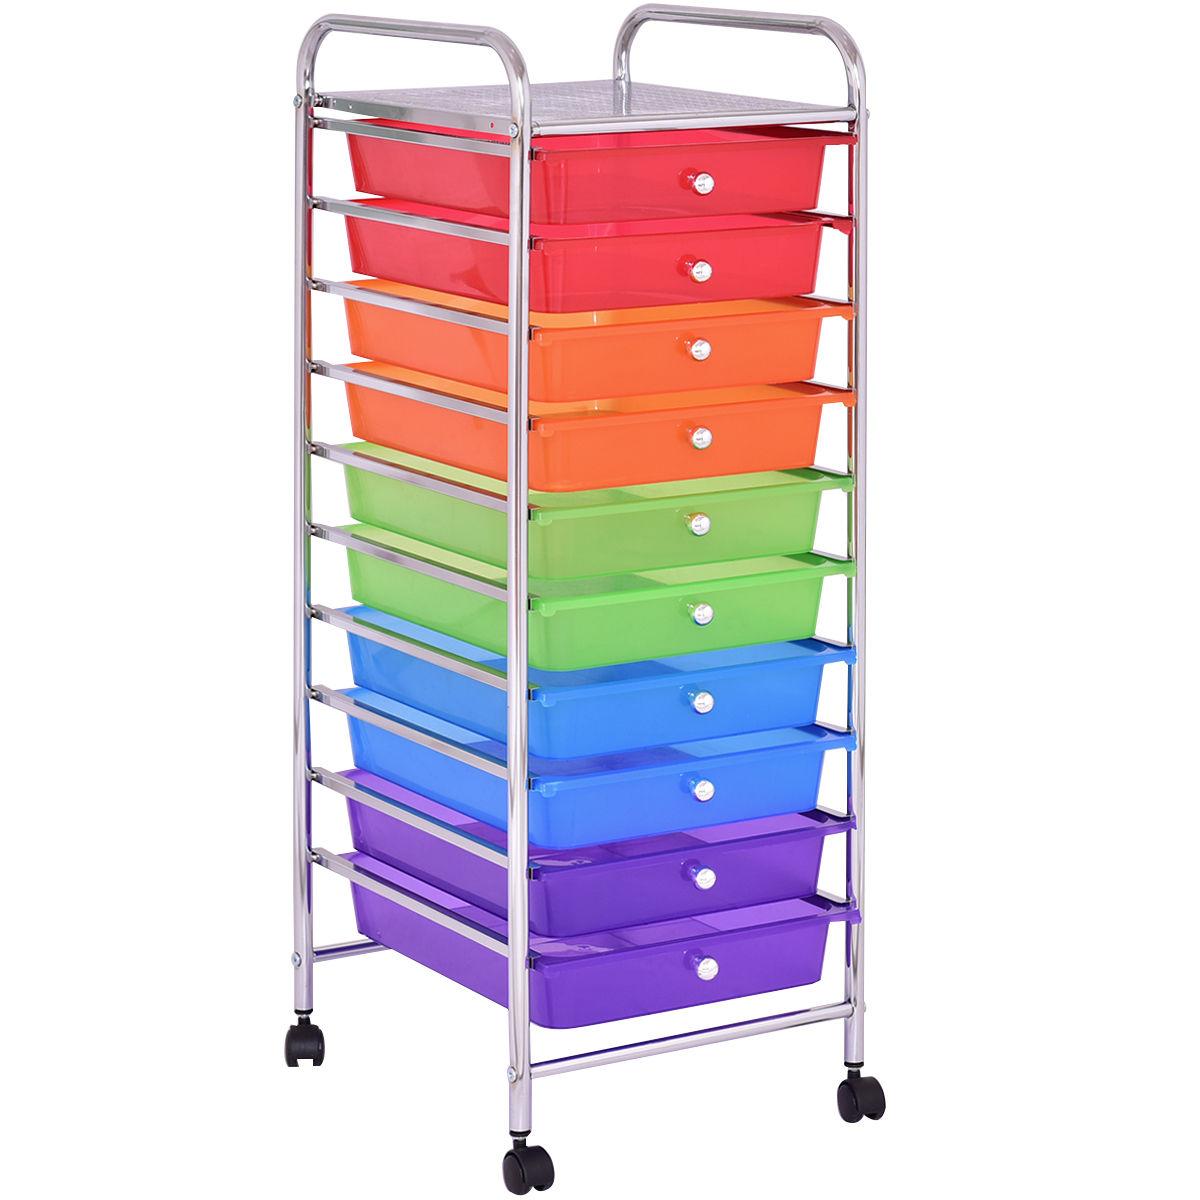 10 Drawers Rolling Storage Cart